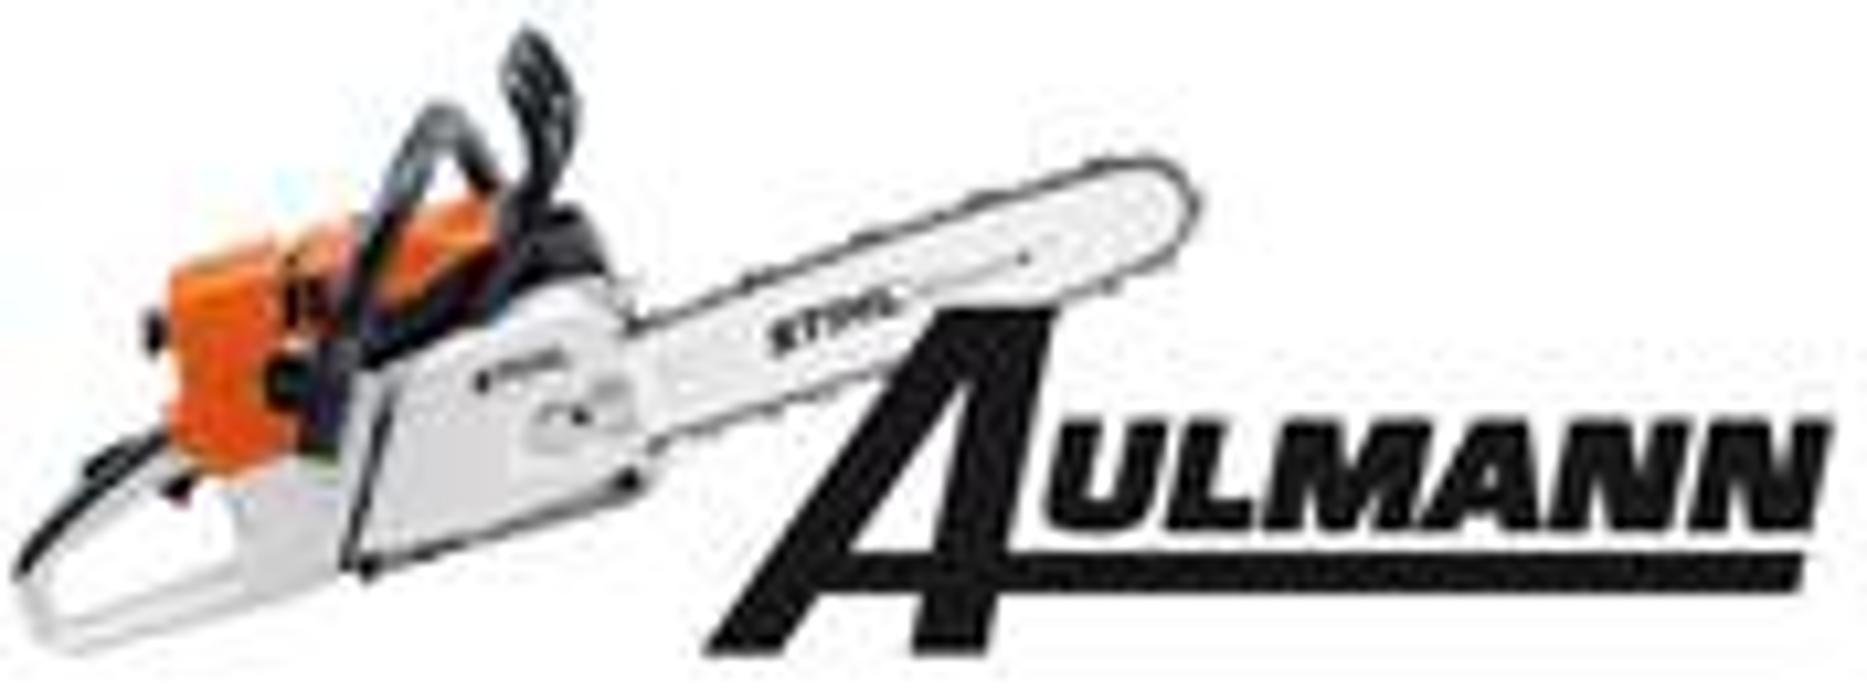 Reiner Aulmann Motorgeräte